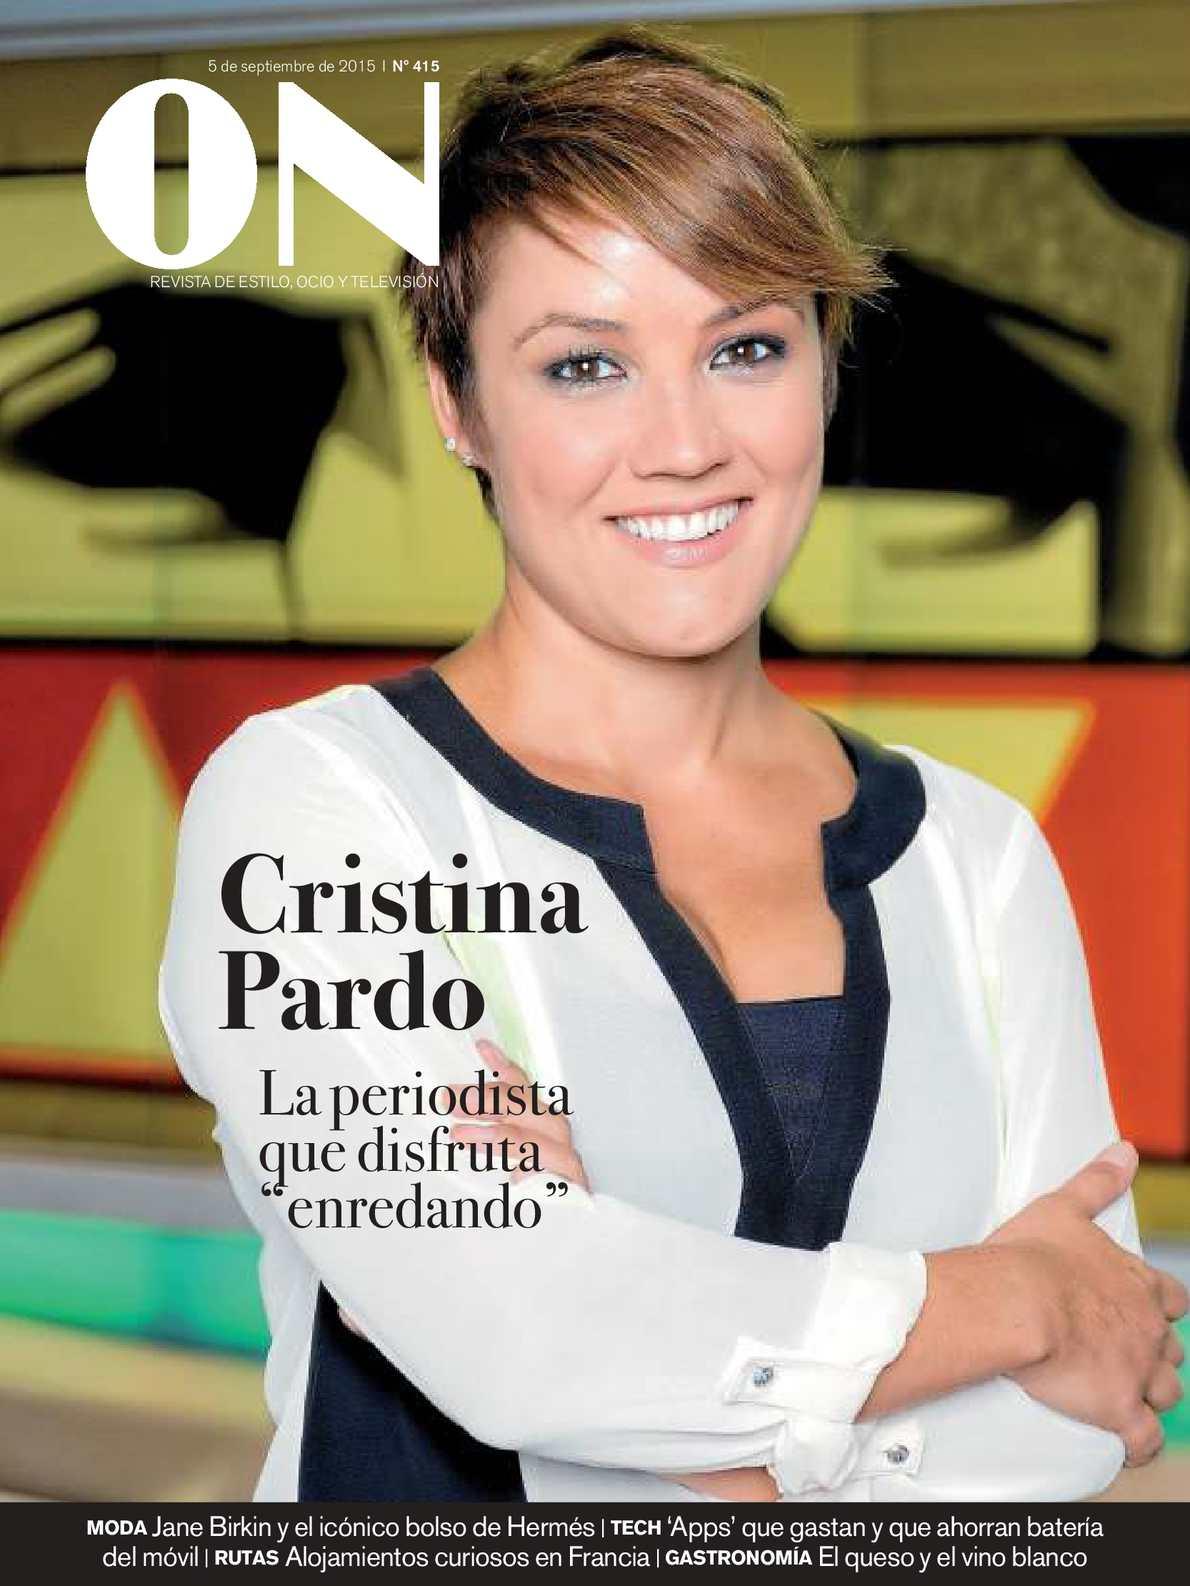 Actriz De Porno Que Se Parezca A Cristina Pardo calaméo - on revista de ocio y estilo 20150905